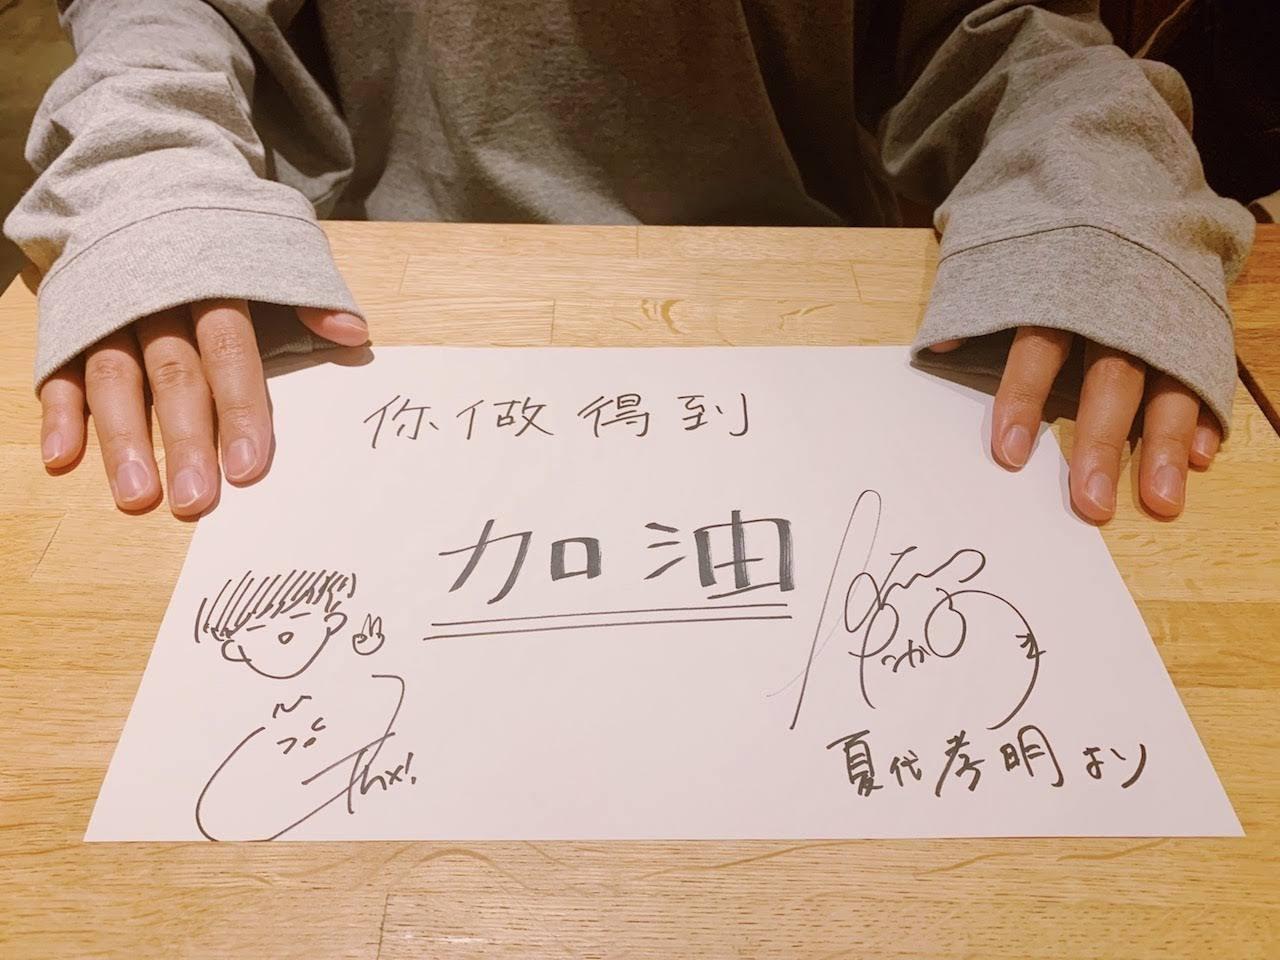 八月即將登上台灣舞台的夏代孝明,透過經紀公司表示參與應援的期望。保持一貫的夏代式低調 作風,也能感受到另一種溫暖應援。